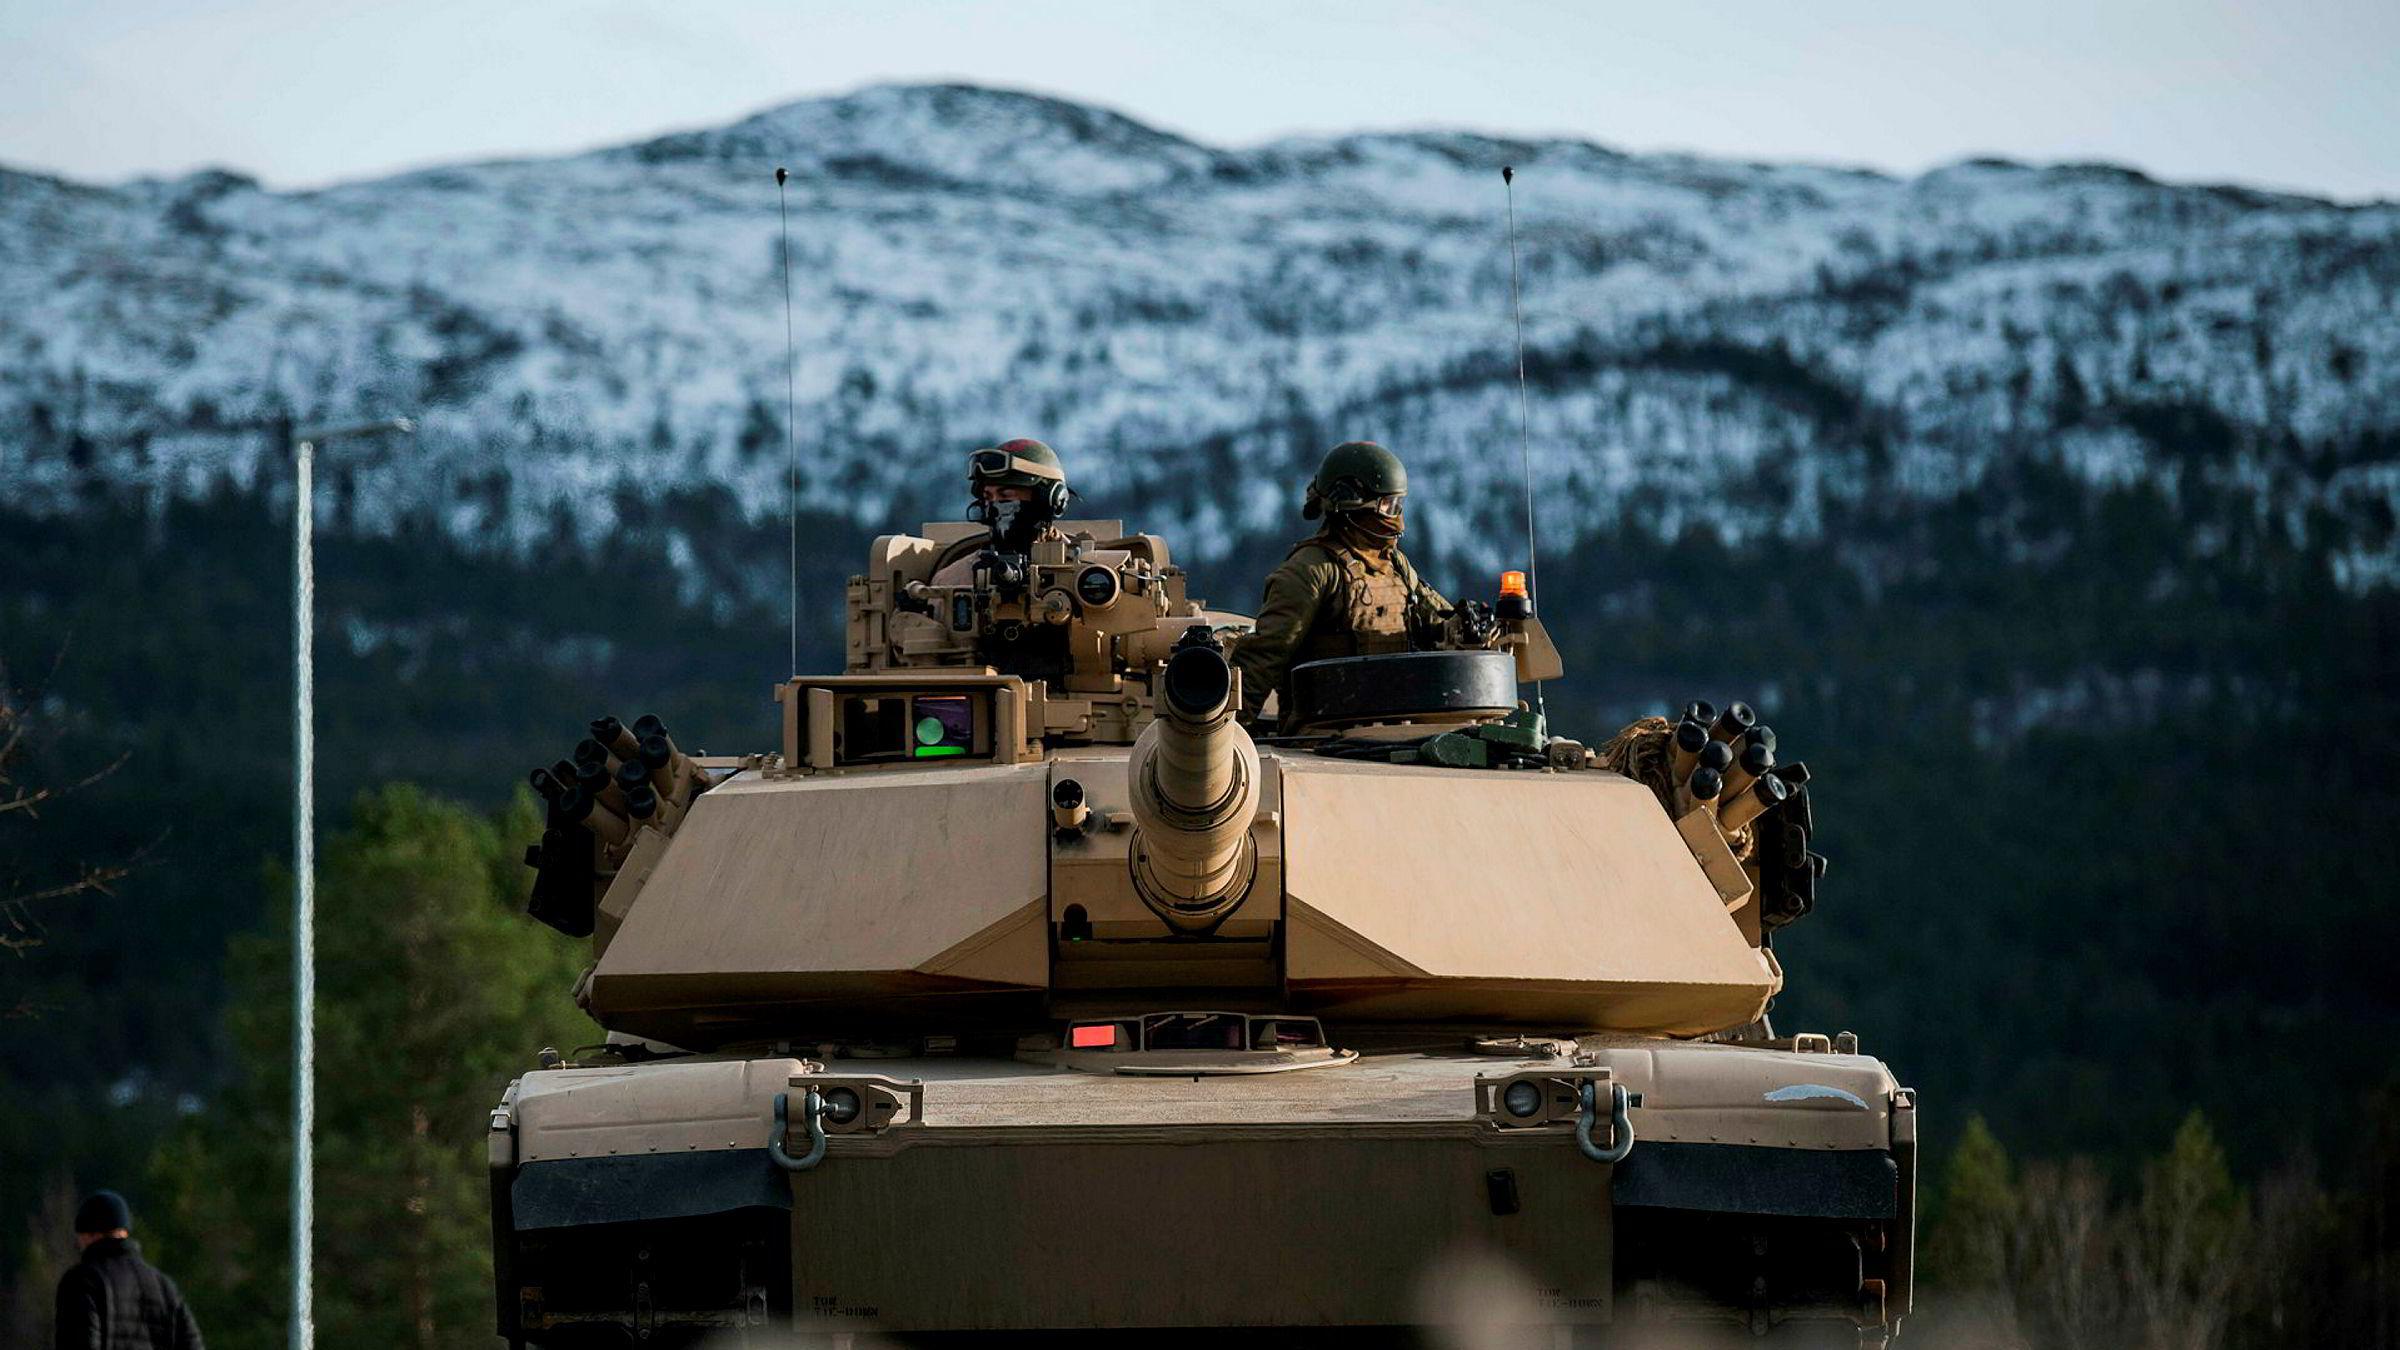 Å plassere en av brigadens bataljoner i Ofoten-området vil kunne markere en norsk vilje til å understøtte alliert hjelp og styrke den norsk-allierte forbindelsen, skriver artikkelforfatteren. Her er amerikanske marinestyrker under øvelsen Trident Juncture i 2018.